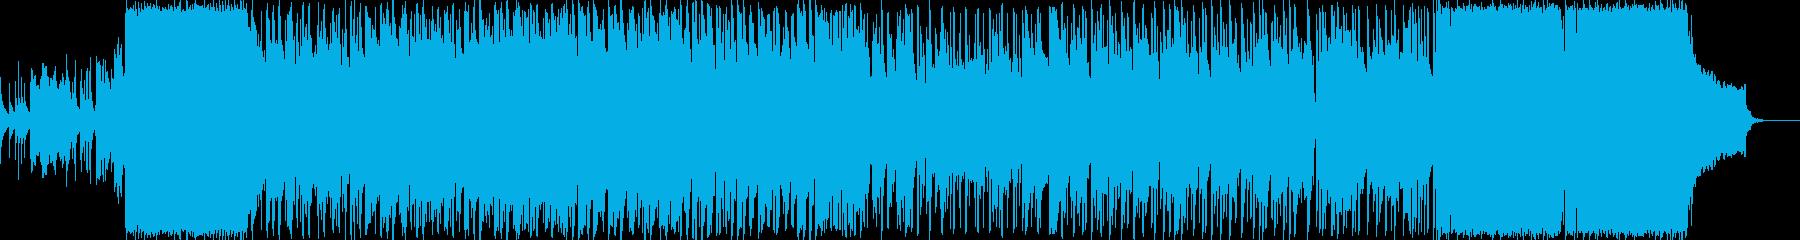 ピアノ主旋律のファンタジック変拍子ポップの再生済みの波形